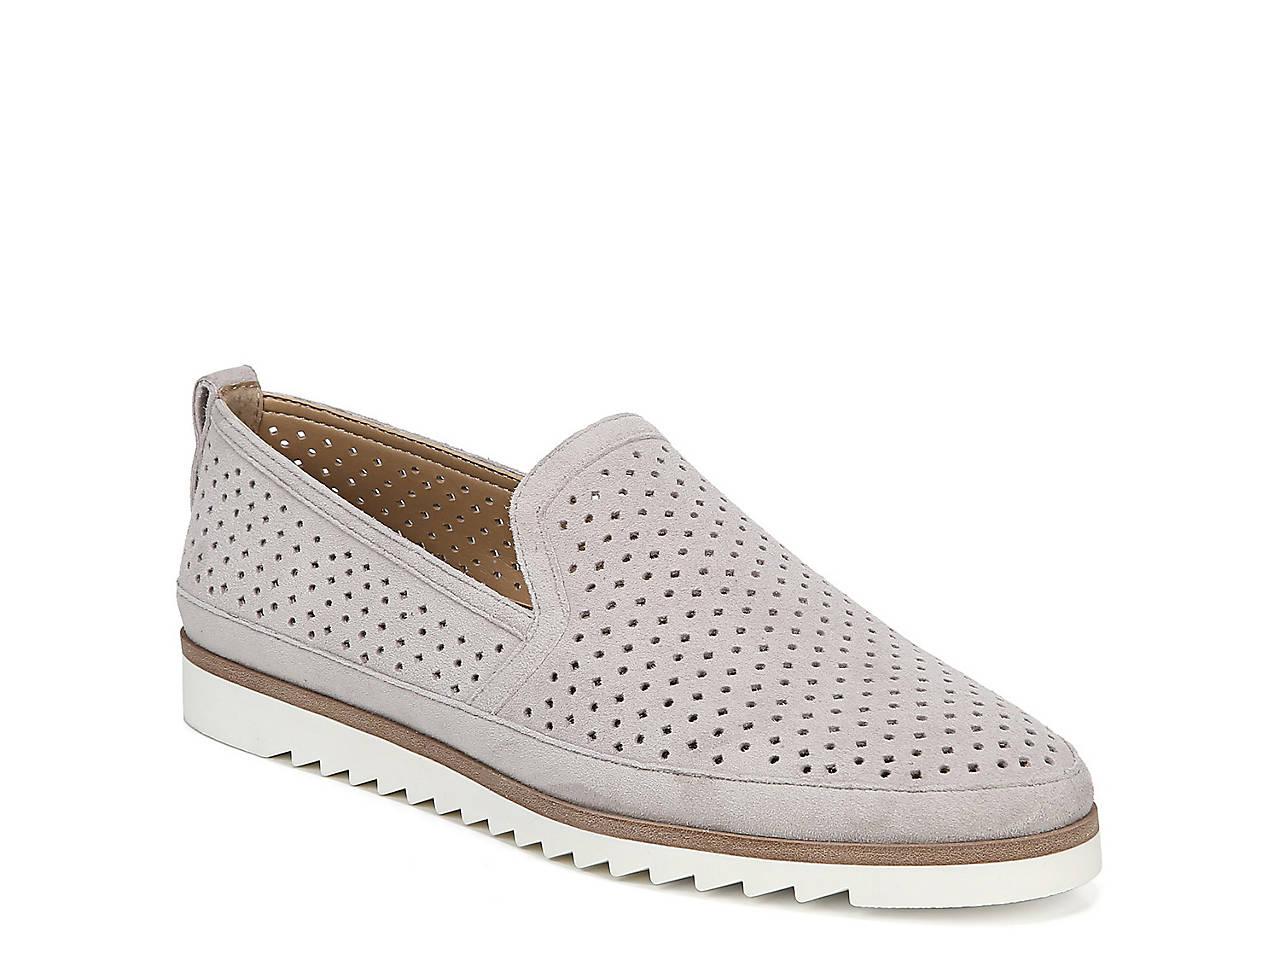 9d7e7b6fe11 Franco Sarto Hadrea Loafer Women s Shoes